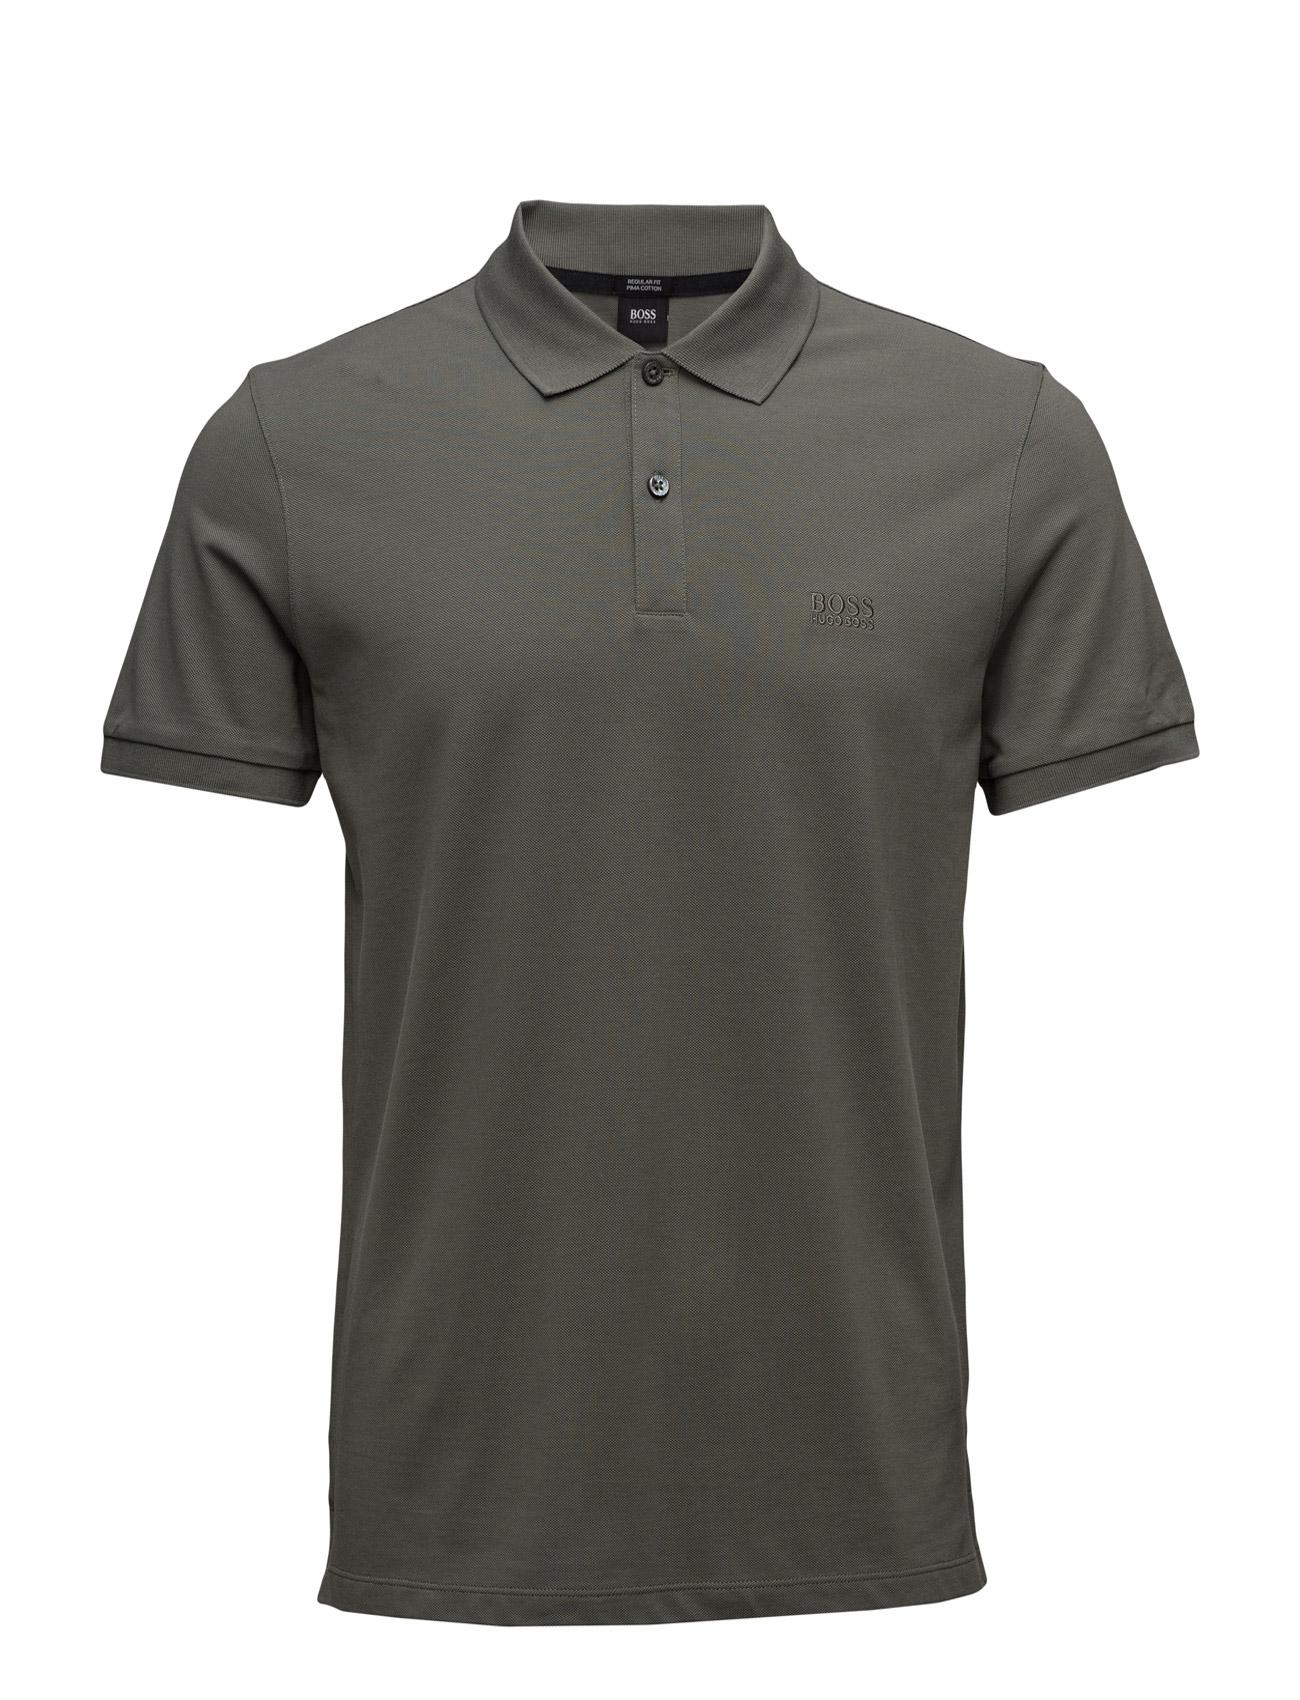 Pallas BOSS Kortærmede polo t-shirts til Herrer i Mørkegrøn